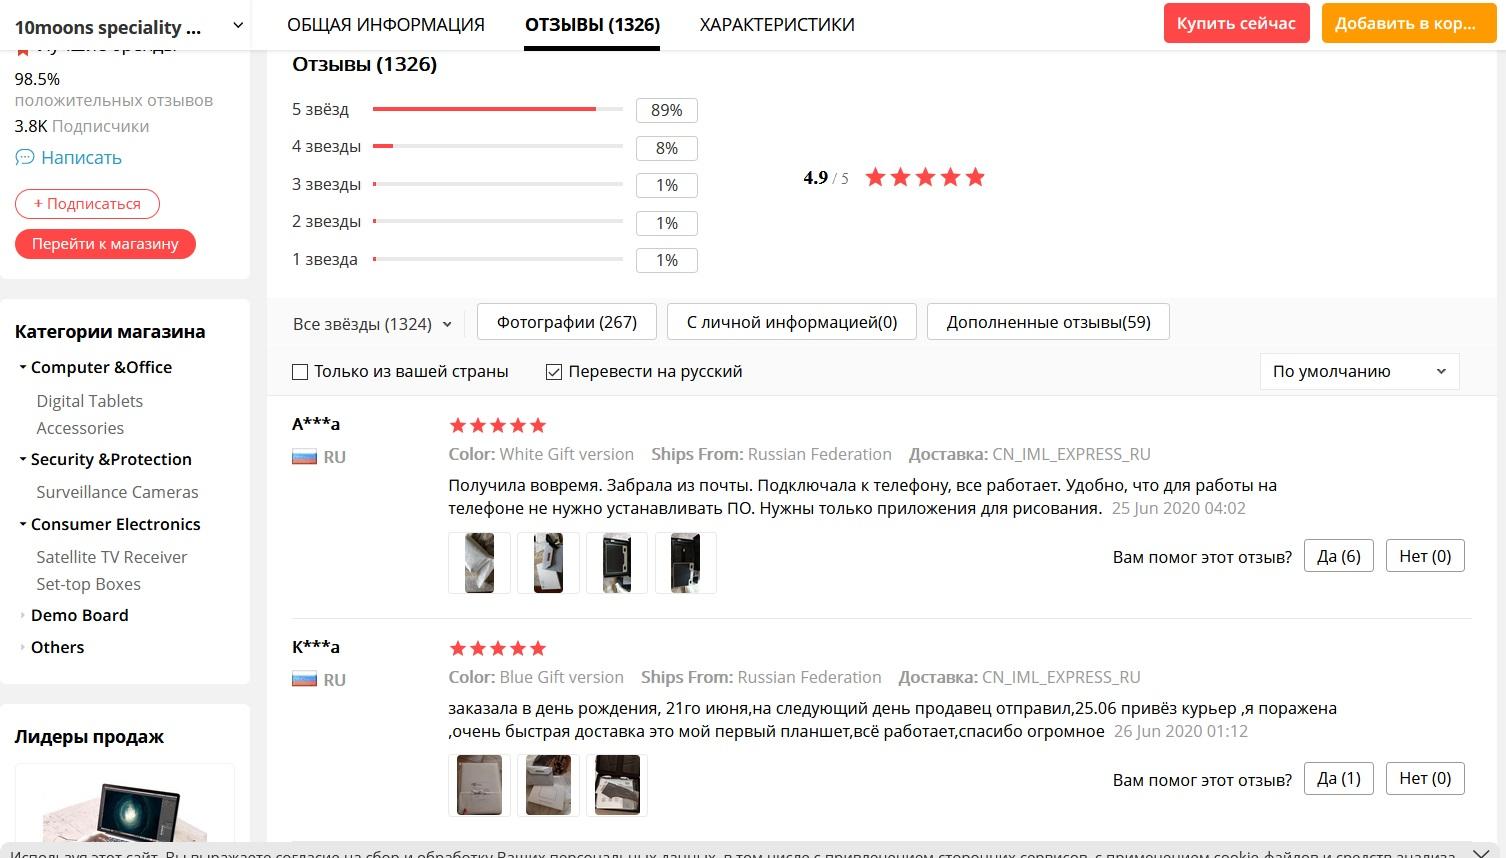 Отзывы о графическом планшете 10moons T503